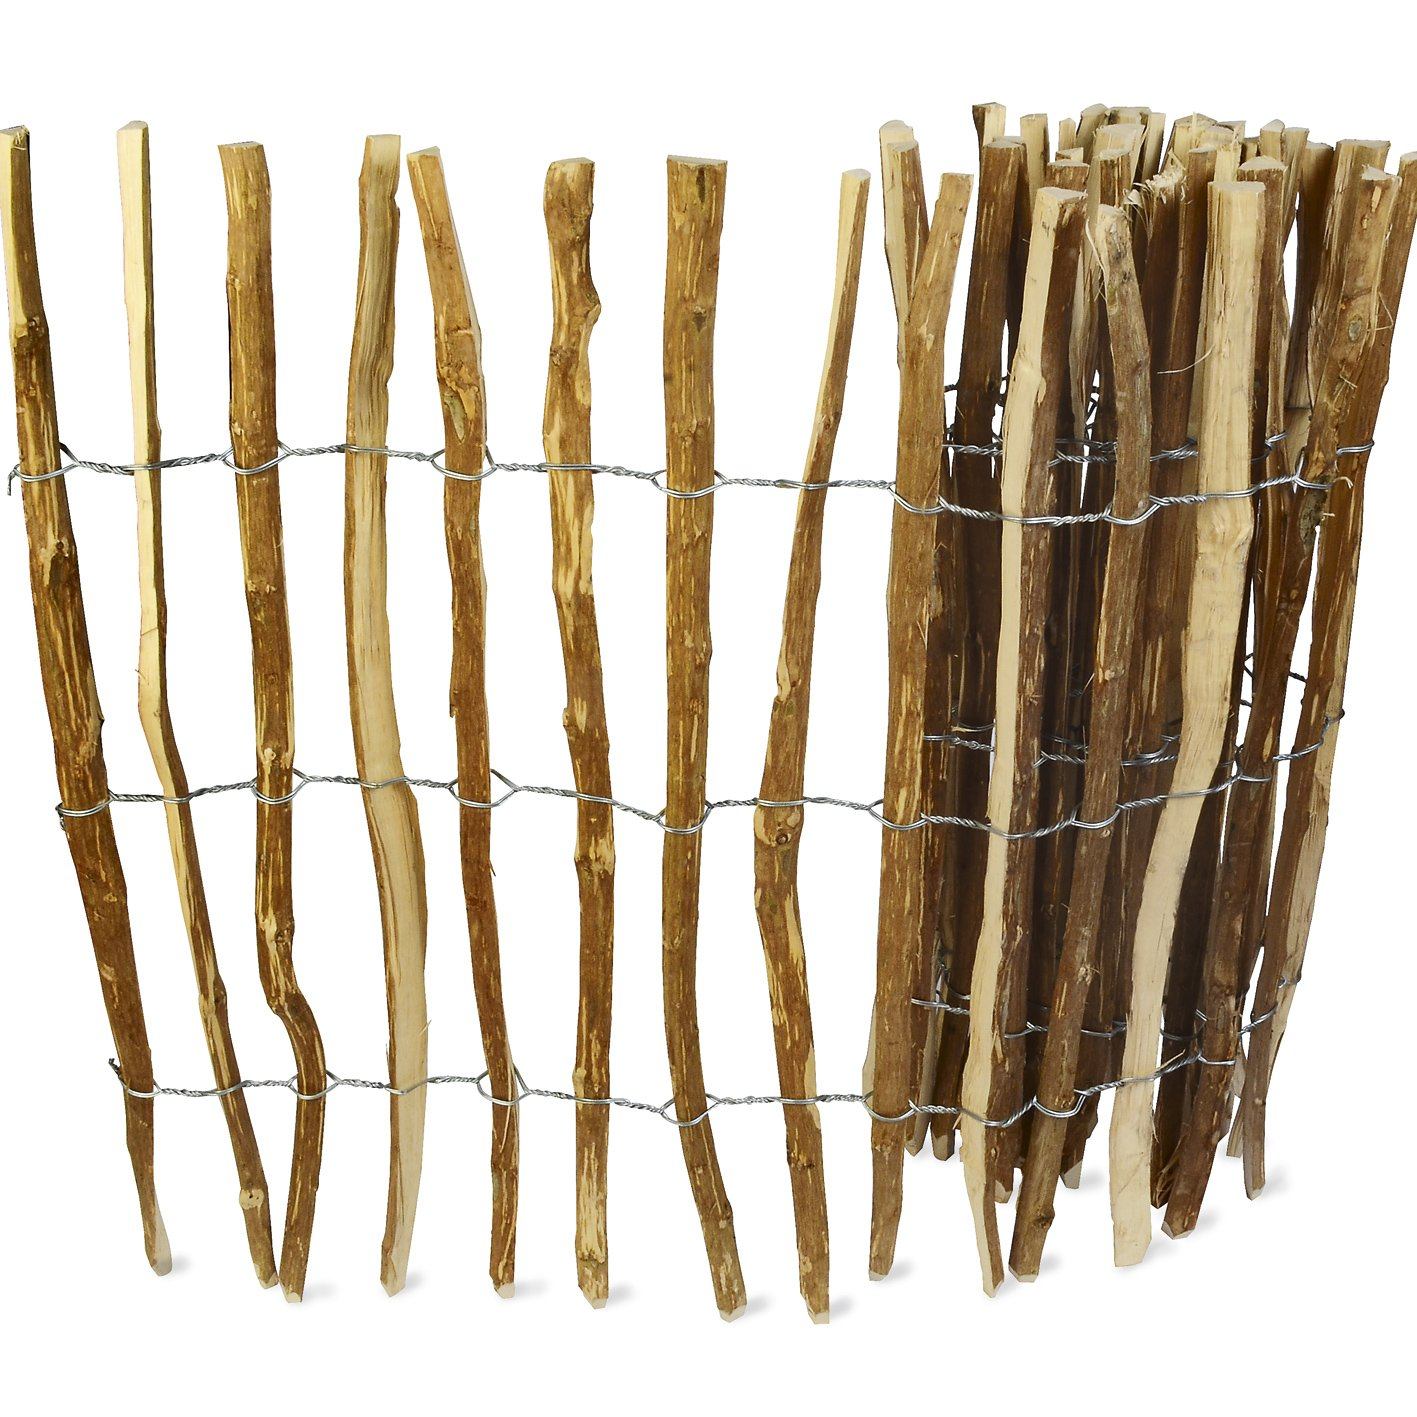 Qualit/ätsarbeit Lattenabstand 8cm Handw 90cm x 460cm Staketenzaun aus Kastanienholz